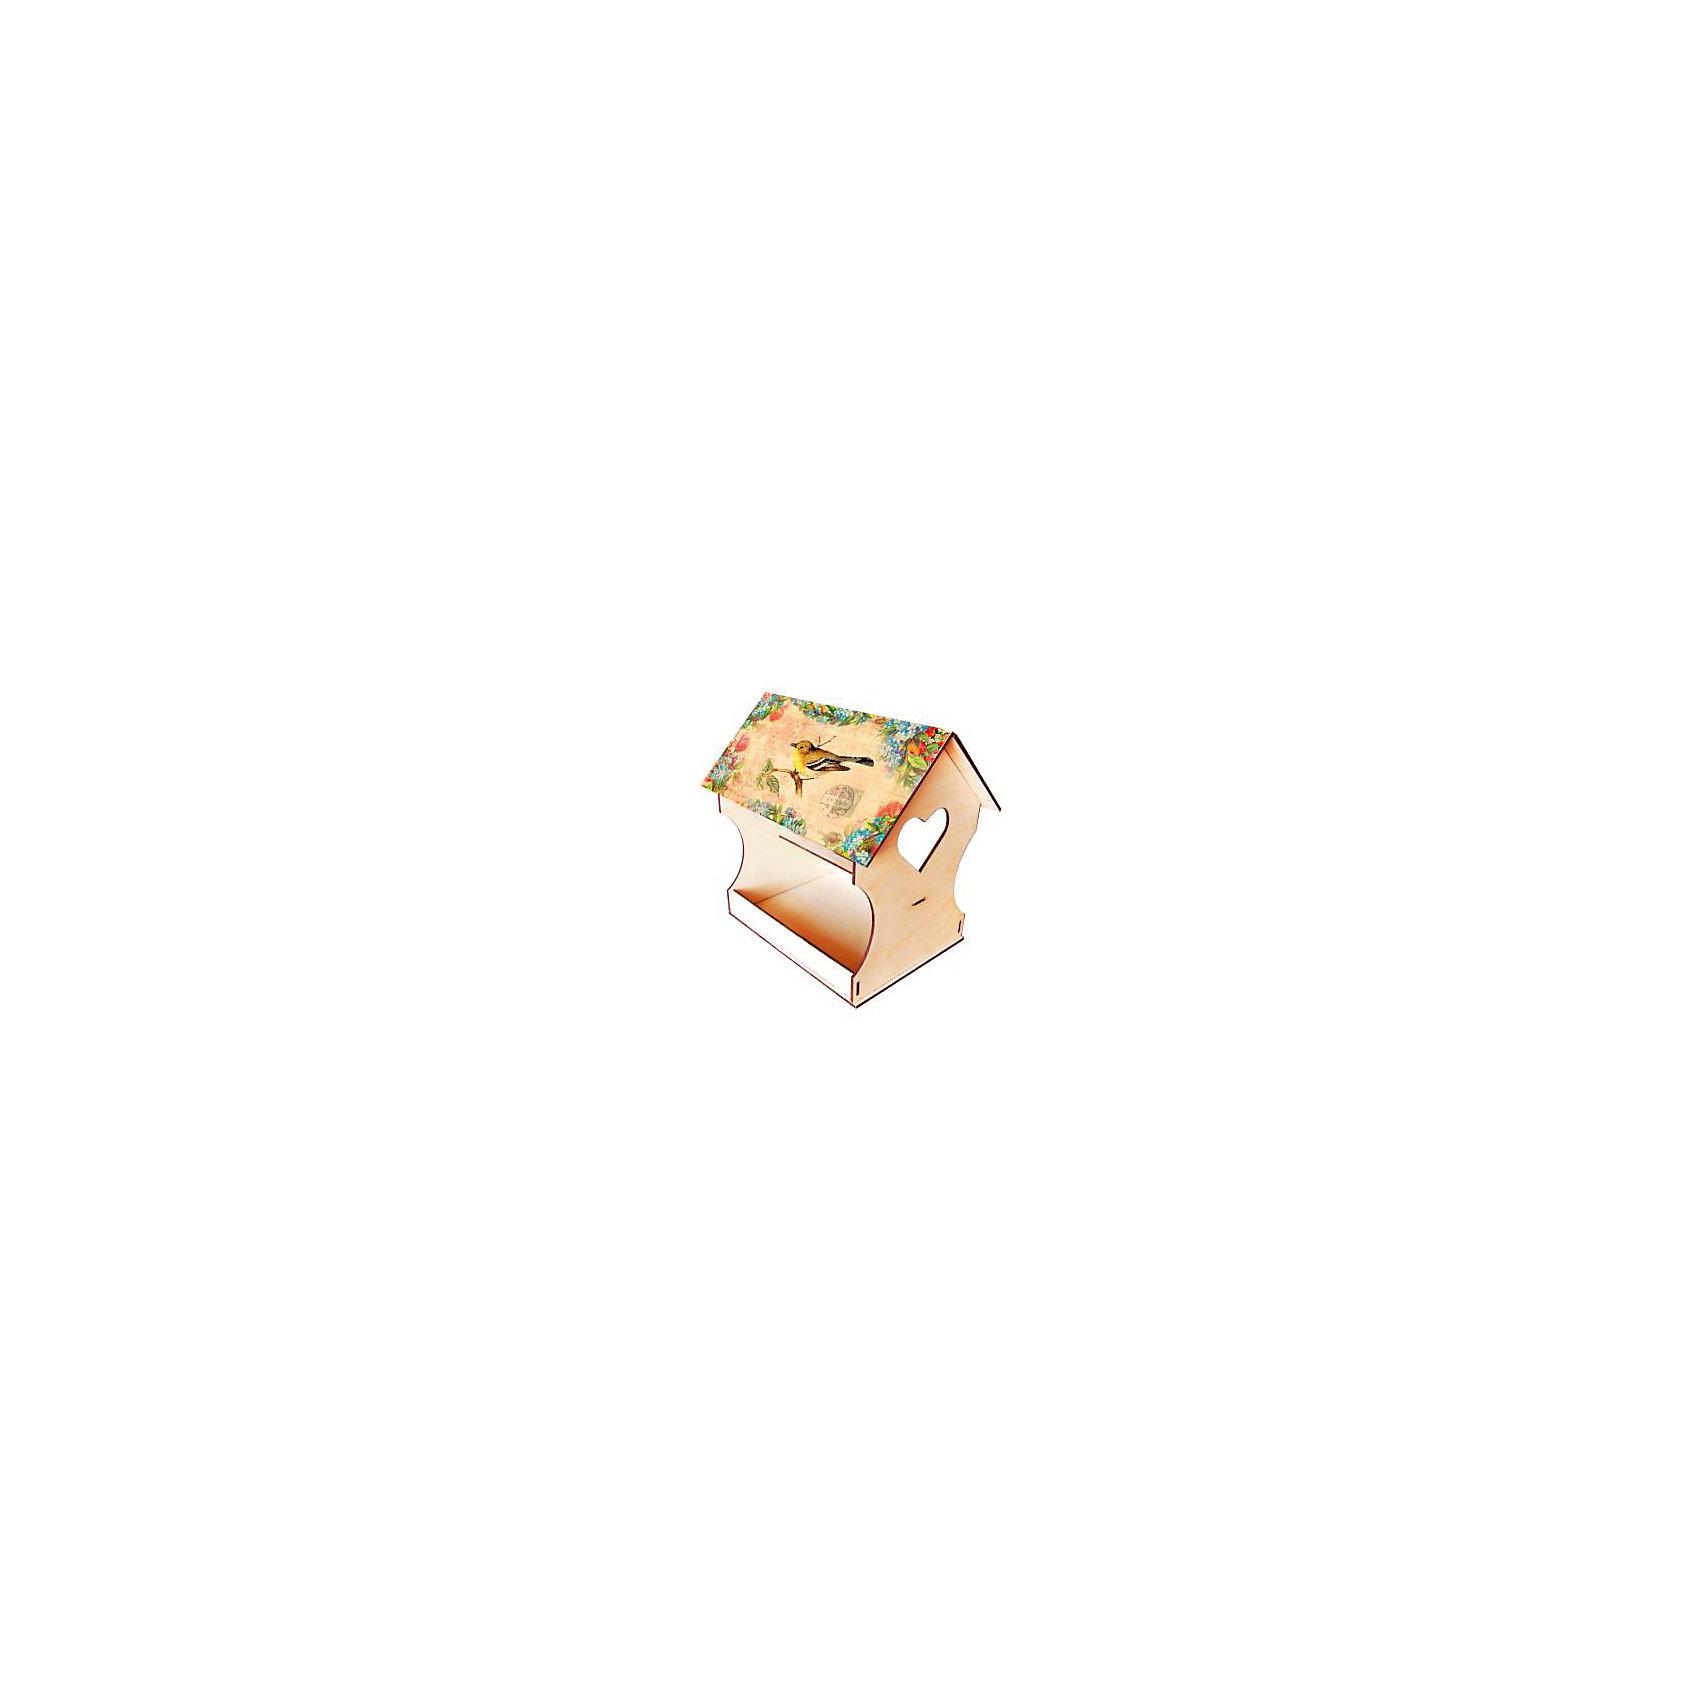 Кормушка для птиц  ДекупажРукоделие<br>Кормушка для птиц Декупаж, Азбука Тойс<br><br>Характеристики:<br><br>• красивый дизайн готовой кормушки<br>• легко собрать<br>• в комплекте: заготовка из дерева, декупажная карта, белая акриловая краска, коричневая акриловая краска, клей ПВА, файл, кисть, спонж, наждачная бумага, шнур, перчатки инструкция<br>• размер упаковки: 28х5х21 см<br>• вес: 400 грамм<br><br>Забота о природе очень важна в любом возрасте. С помощью набора Декупаж вы сможете помочь ребенку создать красивую кормушку для птиц. В набор входит всё необходимое для этого. Крышу кормушки украсит картинка с изображением птичек. В комплекте вы найдете прочный шнур, на который можно повесить готовую кормушку. Научите ребенка творить добро!<br><br>Вы можете купить кормушку для птиц Декупаж, Азбука Тойс в нашем интернет-магазине.<br><br>Ширина мм: 210<br>Глубина мм: 50<br>Высота мм: 280<br>Вес г: 400<br>Возраст от месяцев: 84<br>Возраст до месяцев: 144<br>Пол: Унисекс<br>Возраст: Детский<br>SKU: 5062975